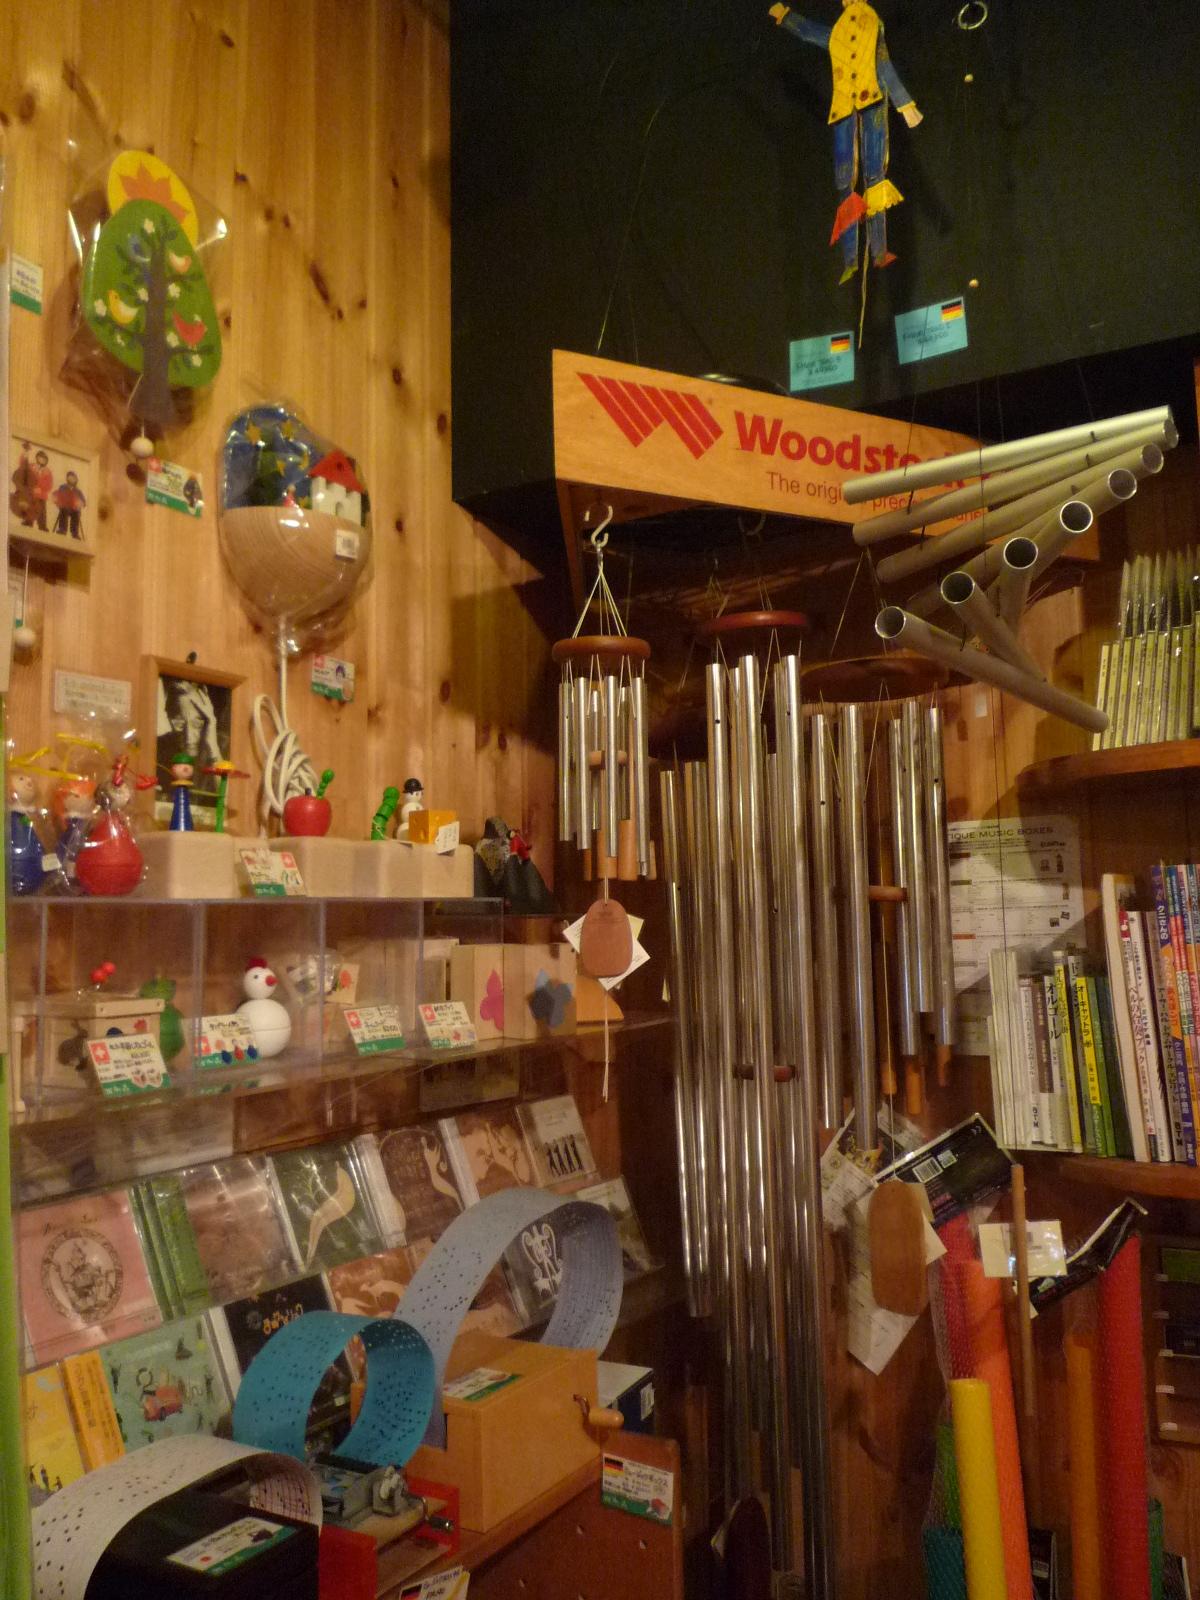 http://www.hyakuchomori.co.jp/blog2/images/P1100401.JPG